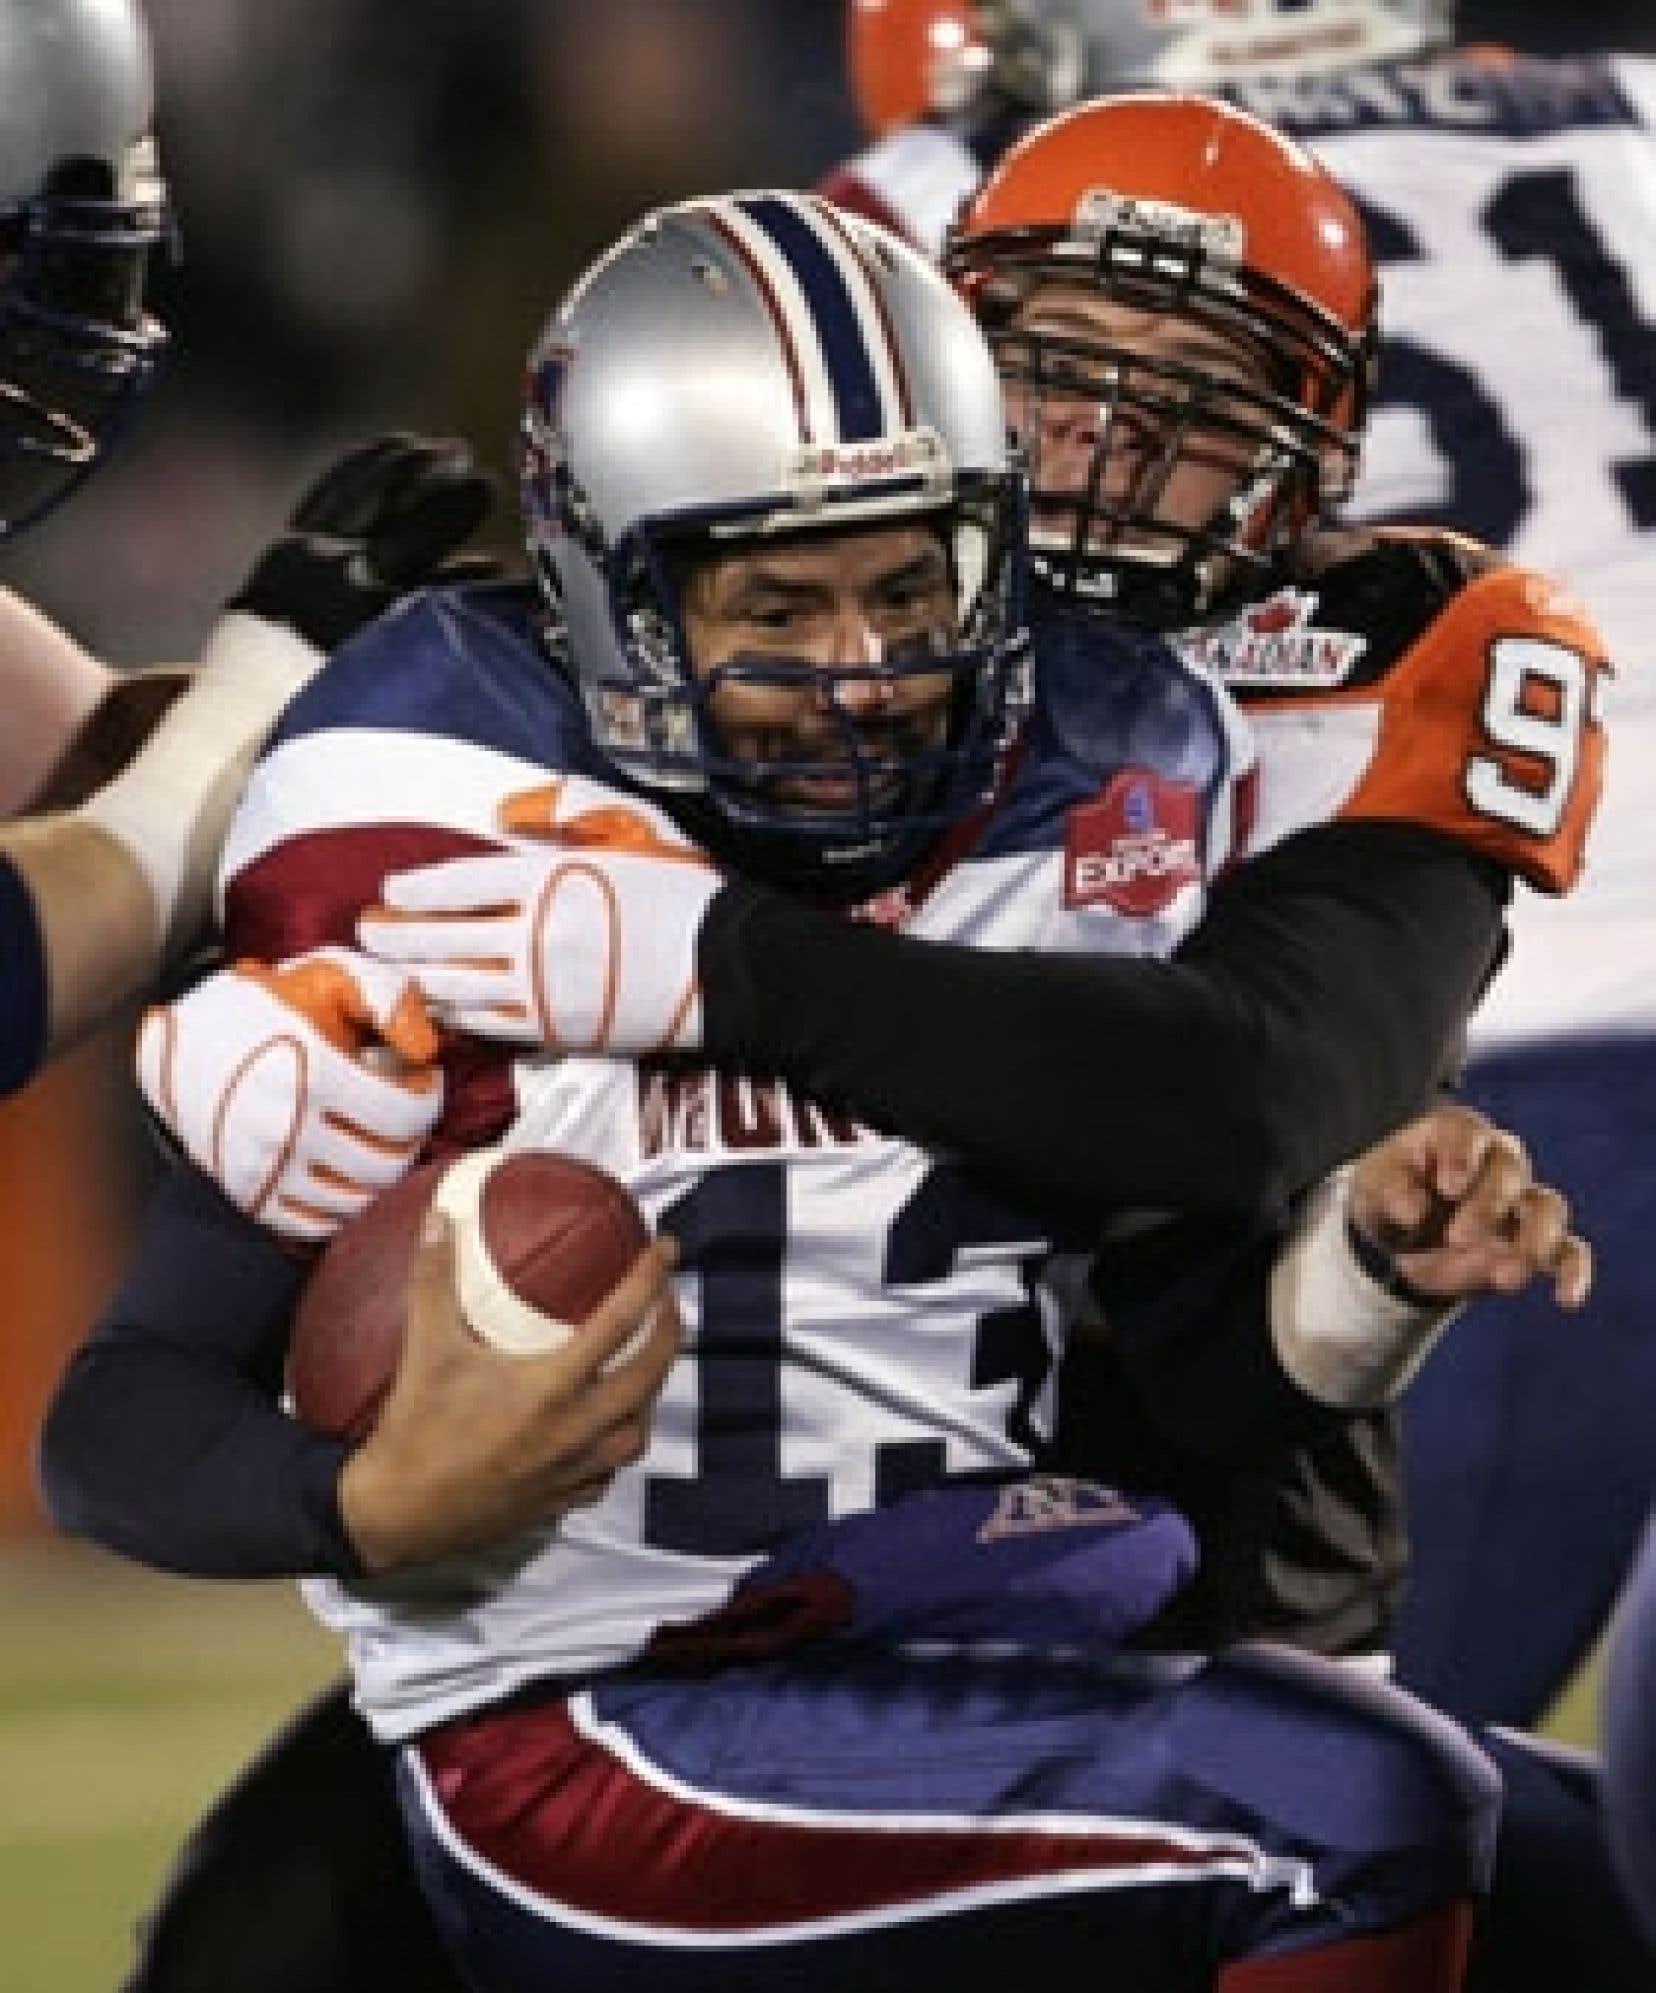 L'ailier défensif Brent Johnson, des Lions, rejoint le quart-arrière des Alouettes, Anthony Calvillo, freinant ainsi l'attaque montréalaise au cours de la deuxième demie, hier, à Winnipeg.